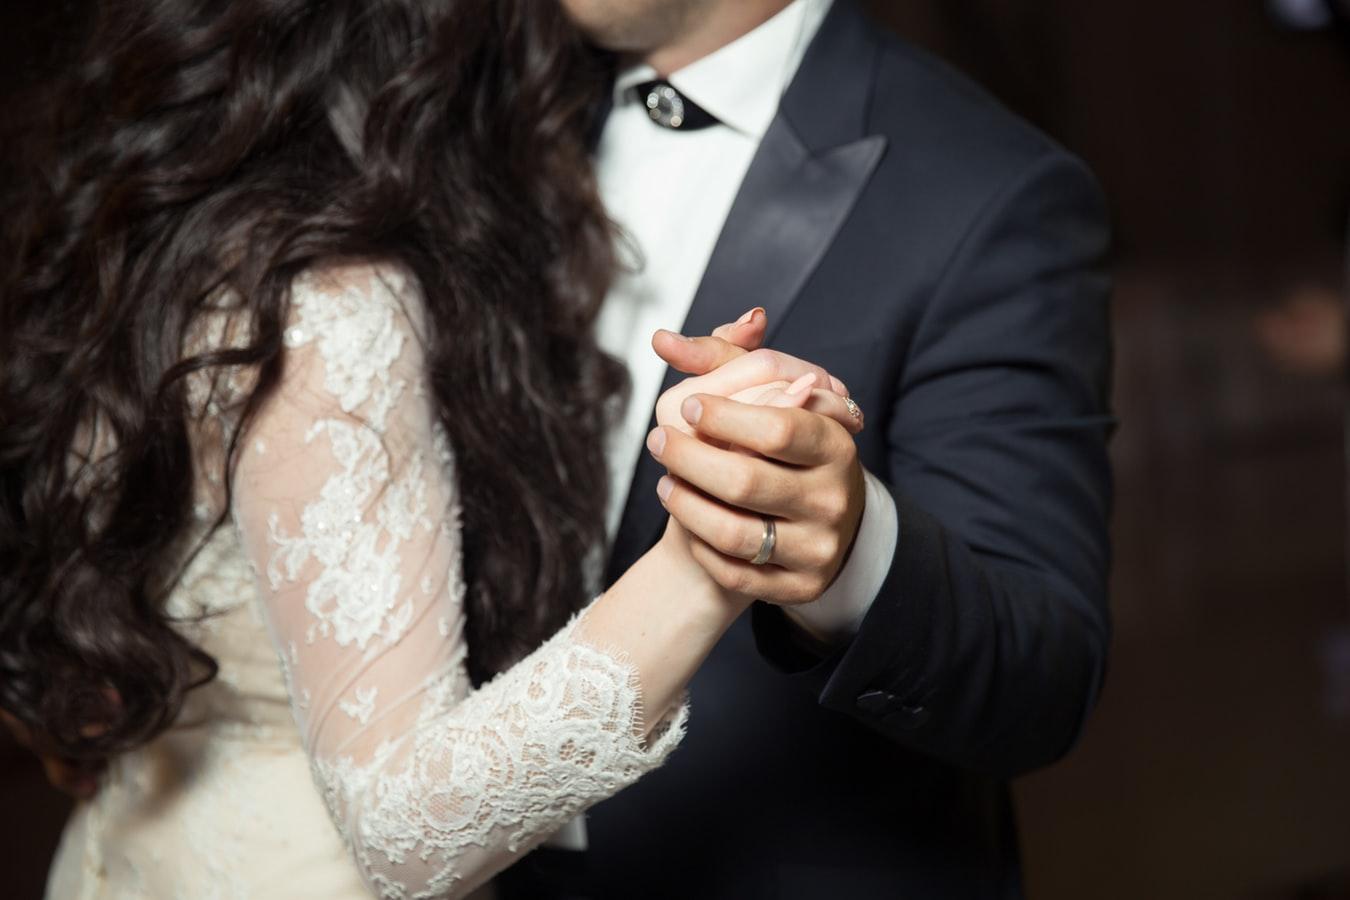 穿著新郎與新娘禮服的兩人翩翩起舞,交握的手指上戴著戒指。